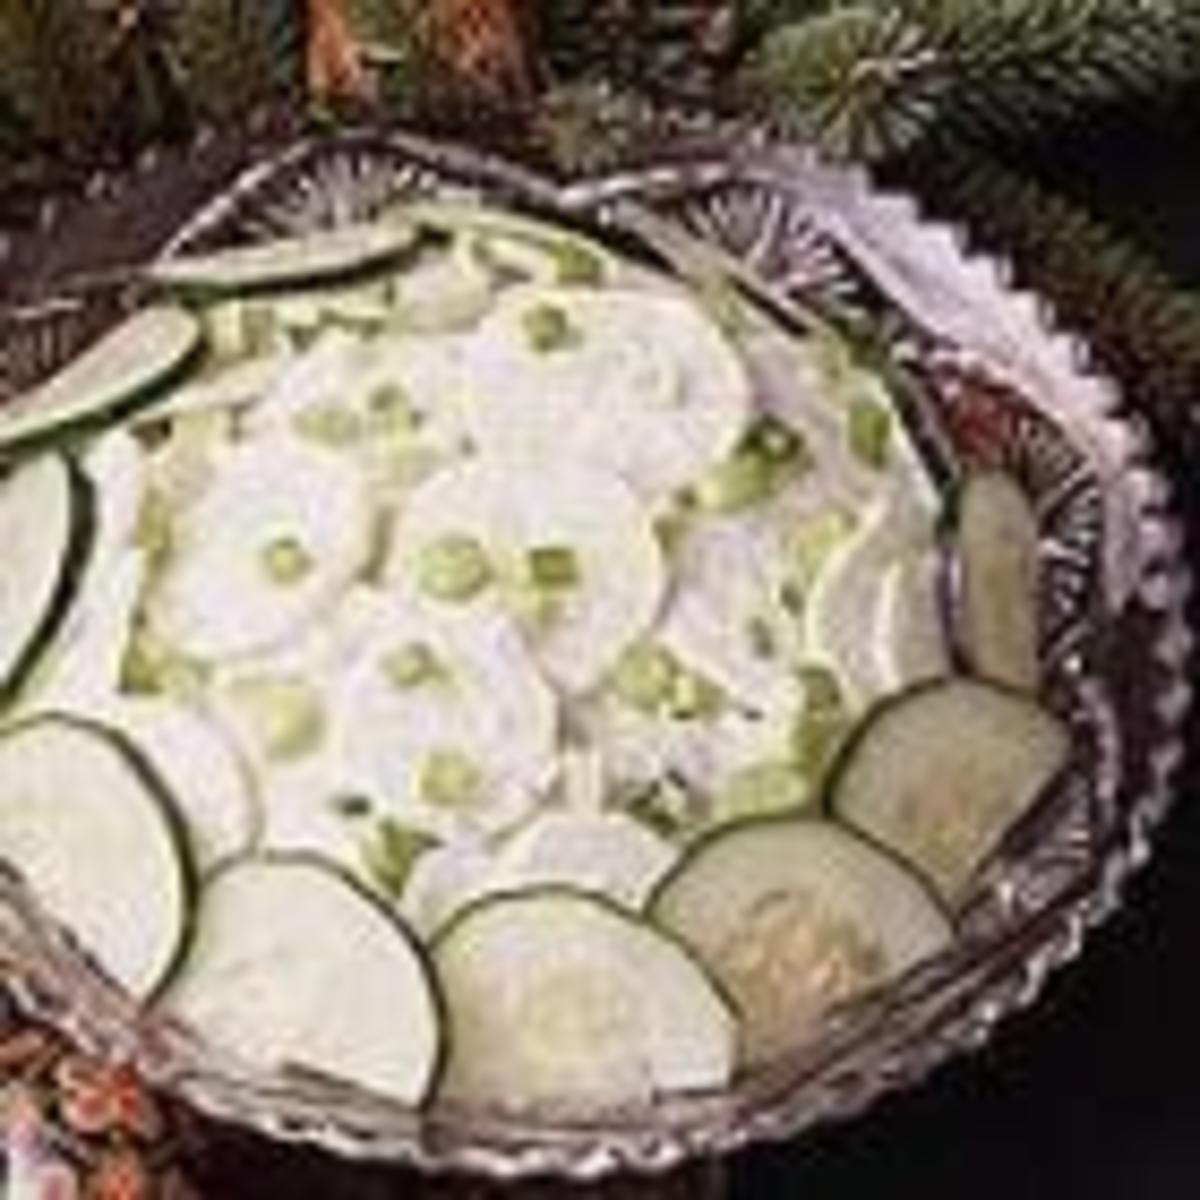 Sour Cream Cucumber Salad (from Allrecipes)